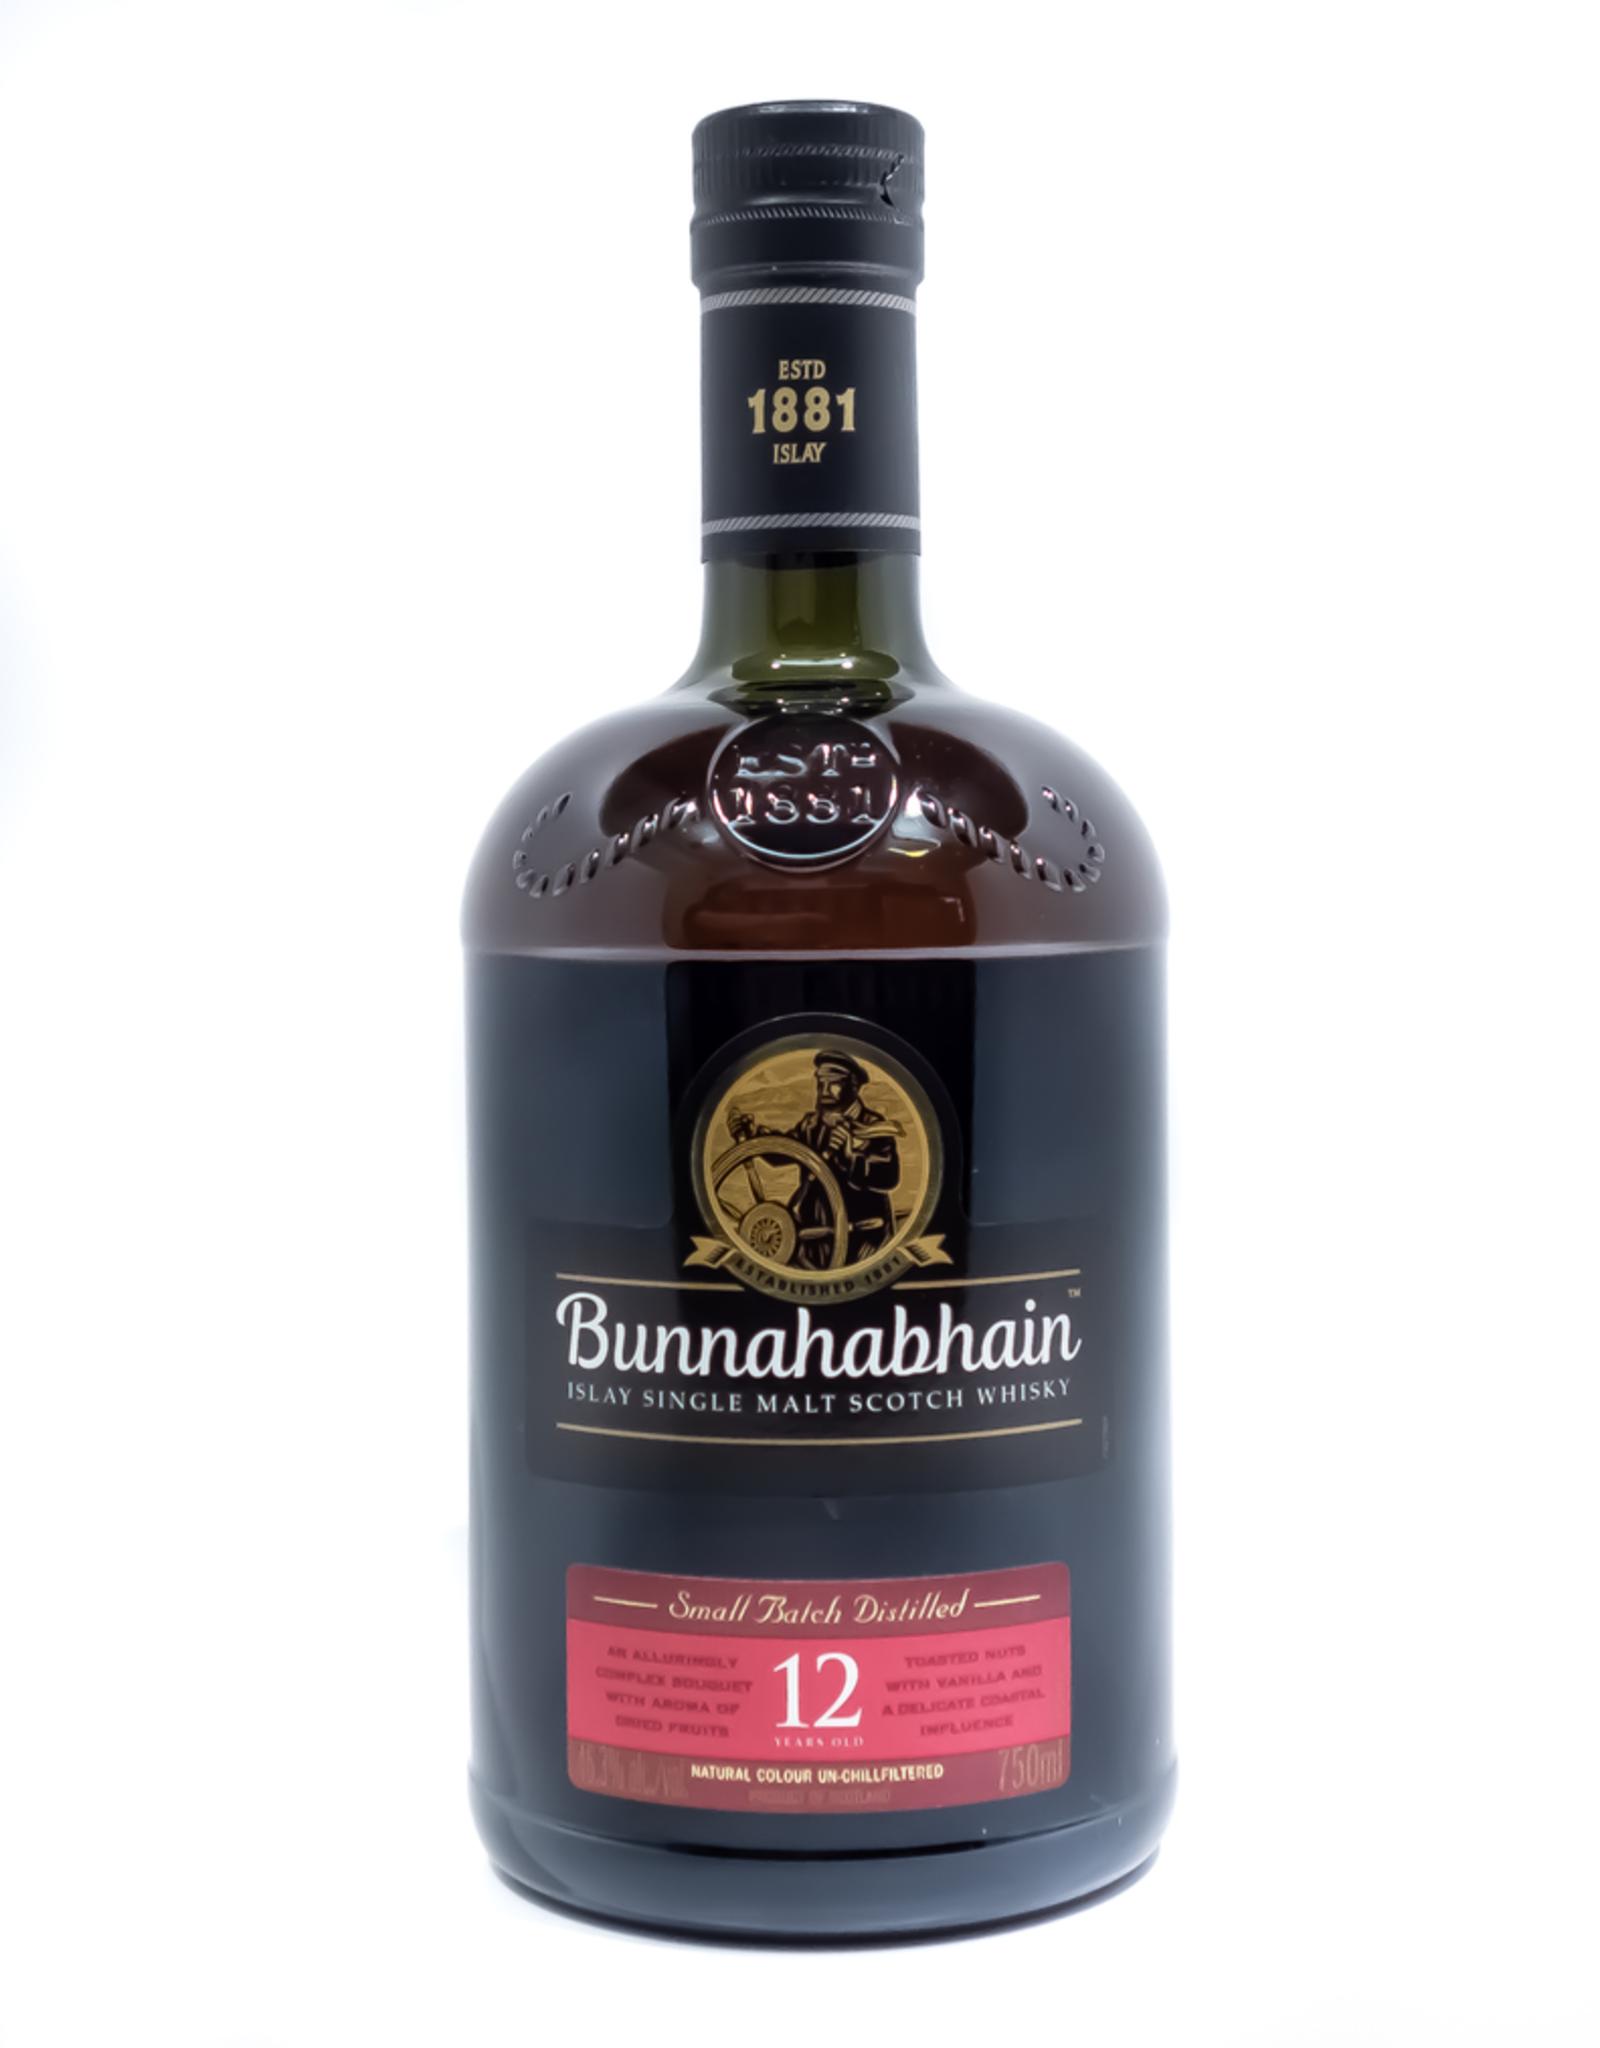 Spirits-Whiskey-Scotch-Single-Malt Bunnahabhain Islay 12 Year Old Single Malt Scotch Whisky 750ml